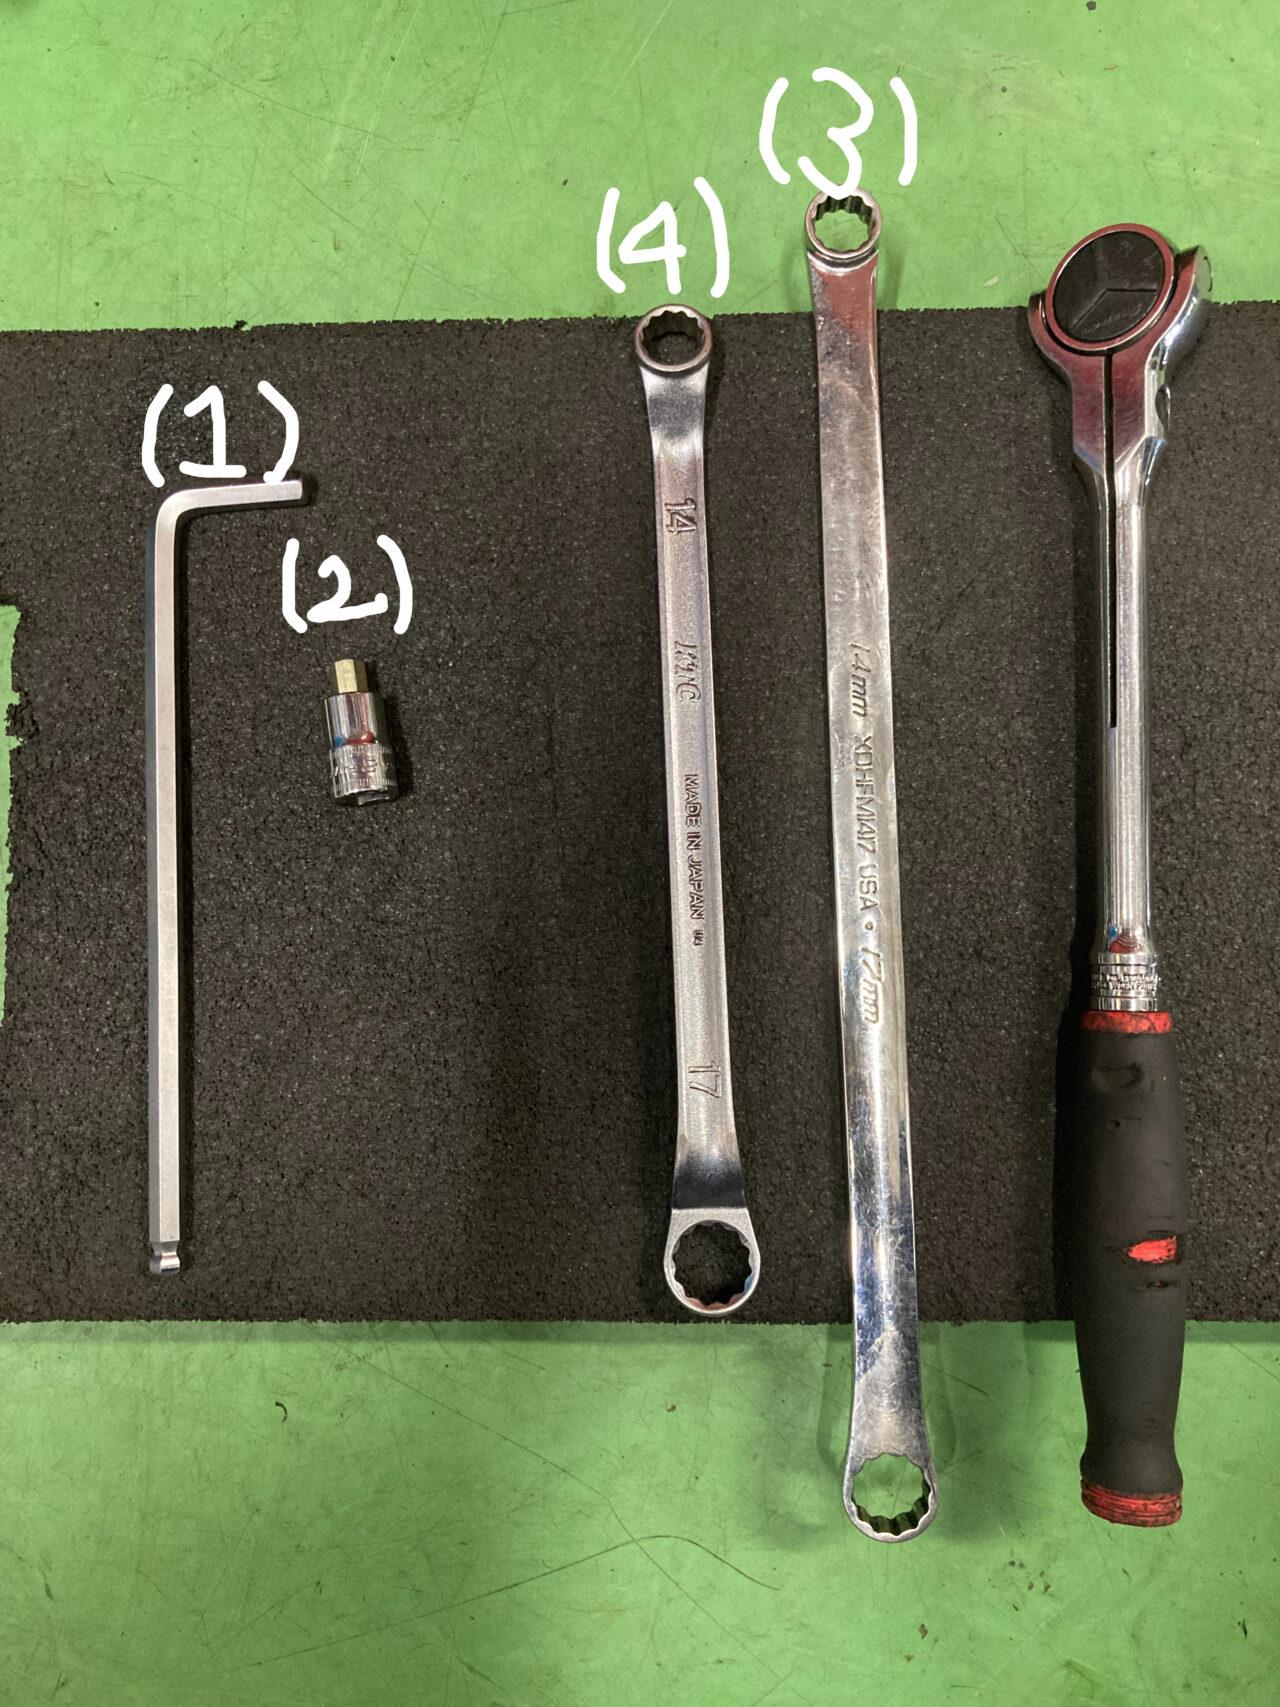 牽引フックを取り付ける際に必要な工具